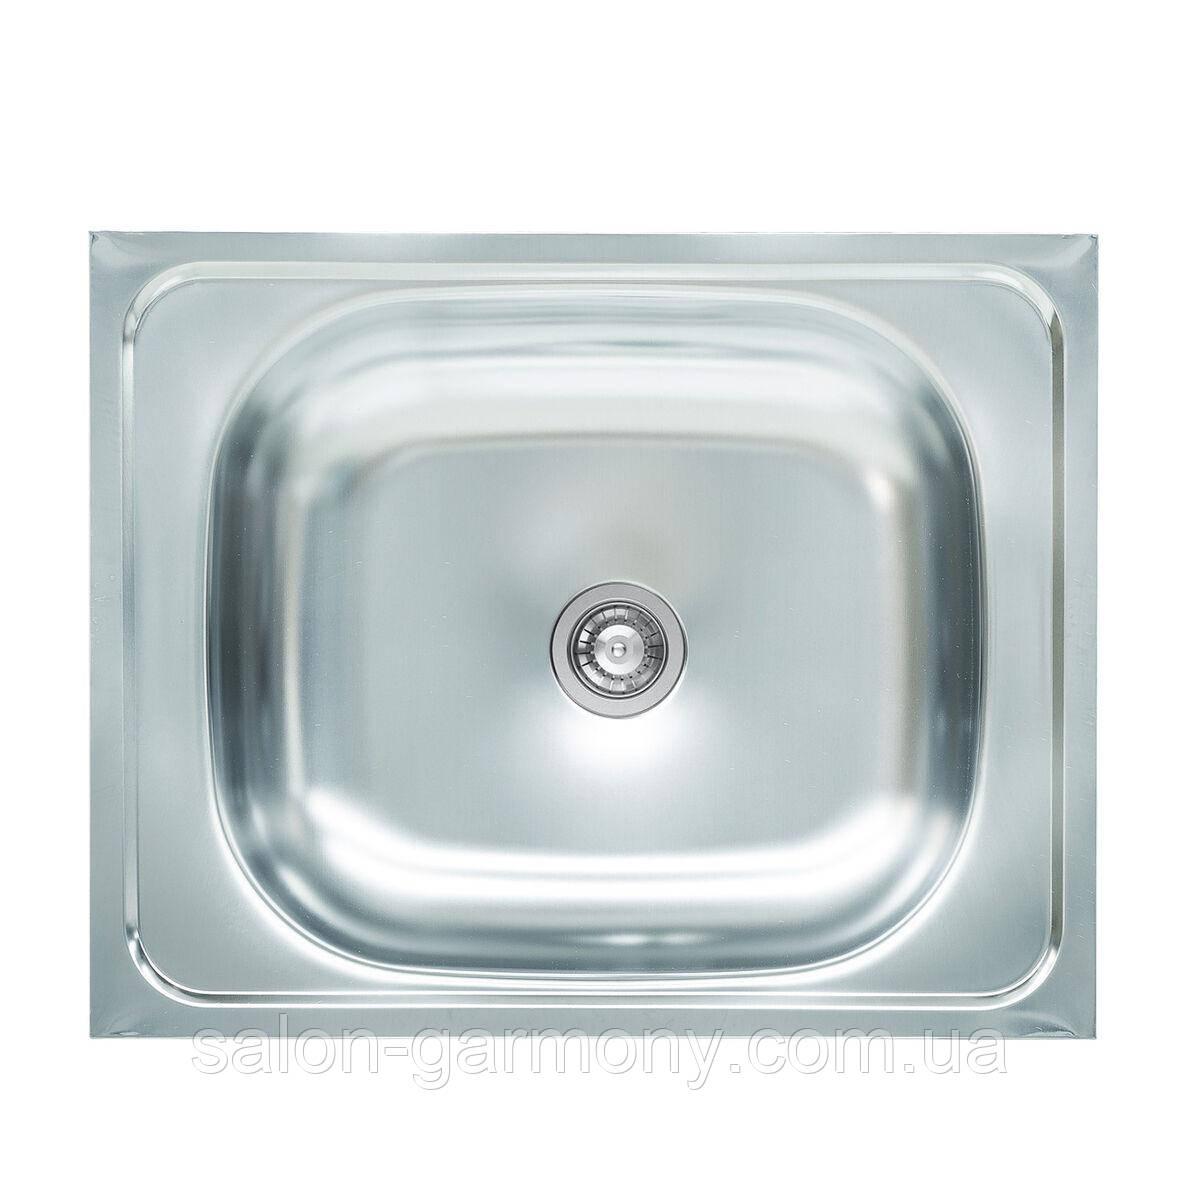 Мийка кухонна з нержавіючої сталі Platinum 4050 0,4 / 120